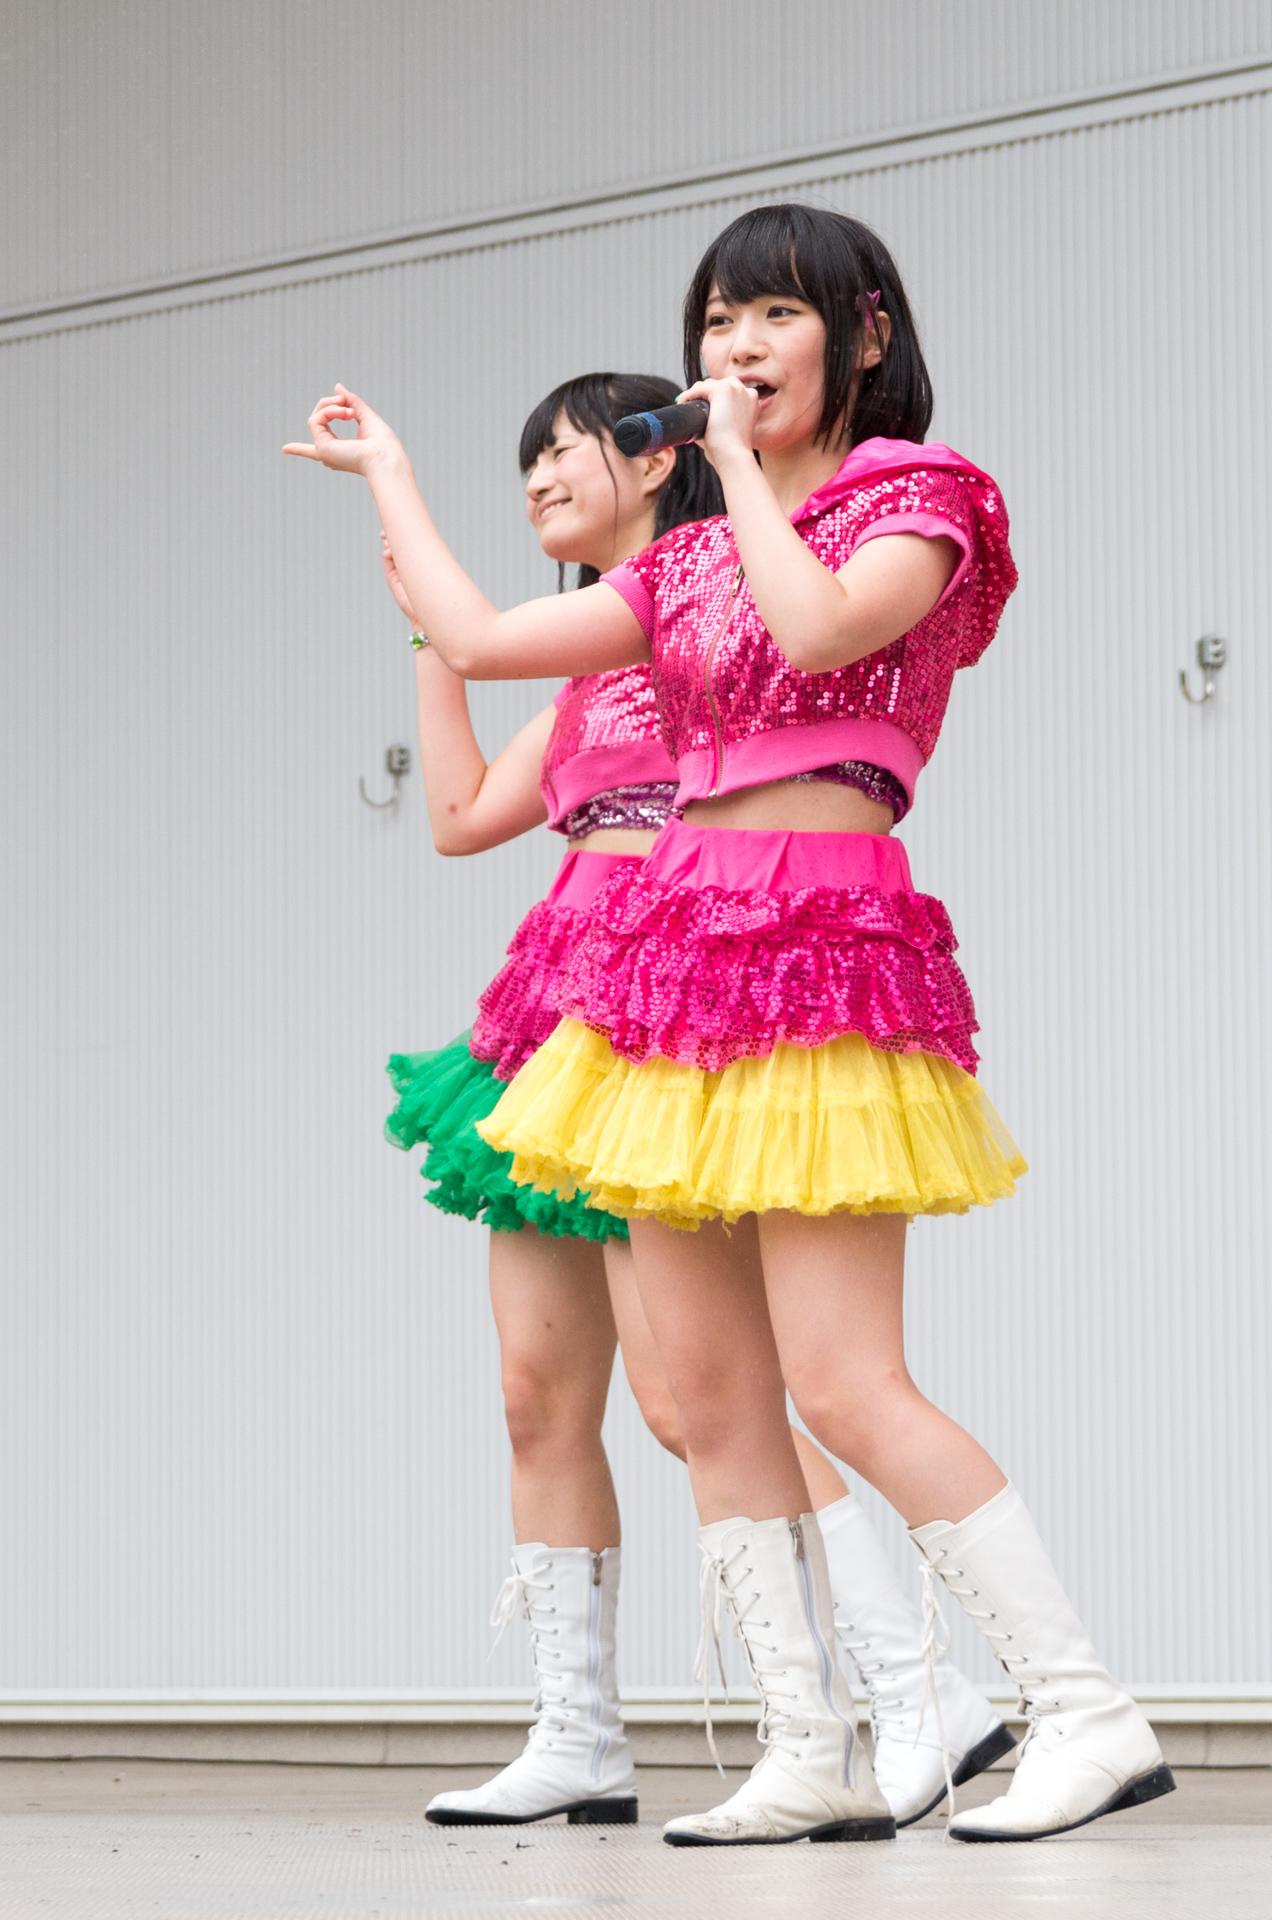 2代目HAPPY少女♪ みっちょ ( 本田みく ) | アイドルライブ in 円山動物園